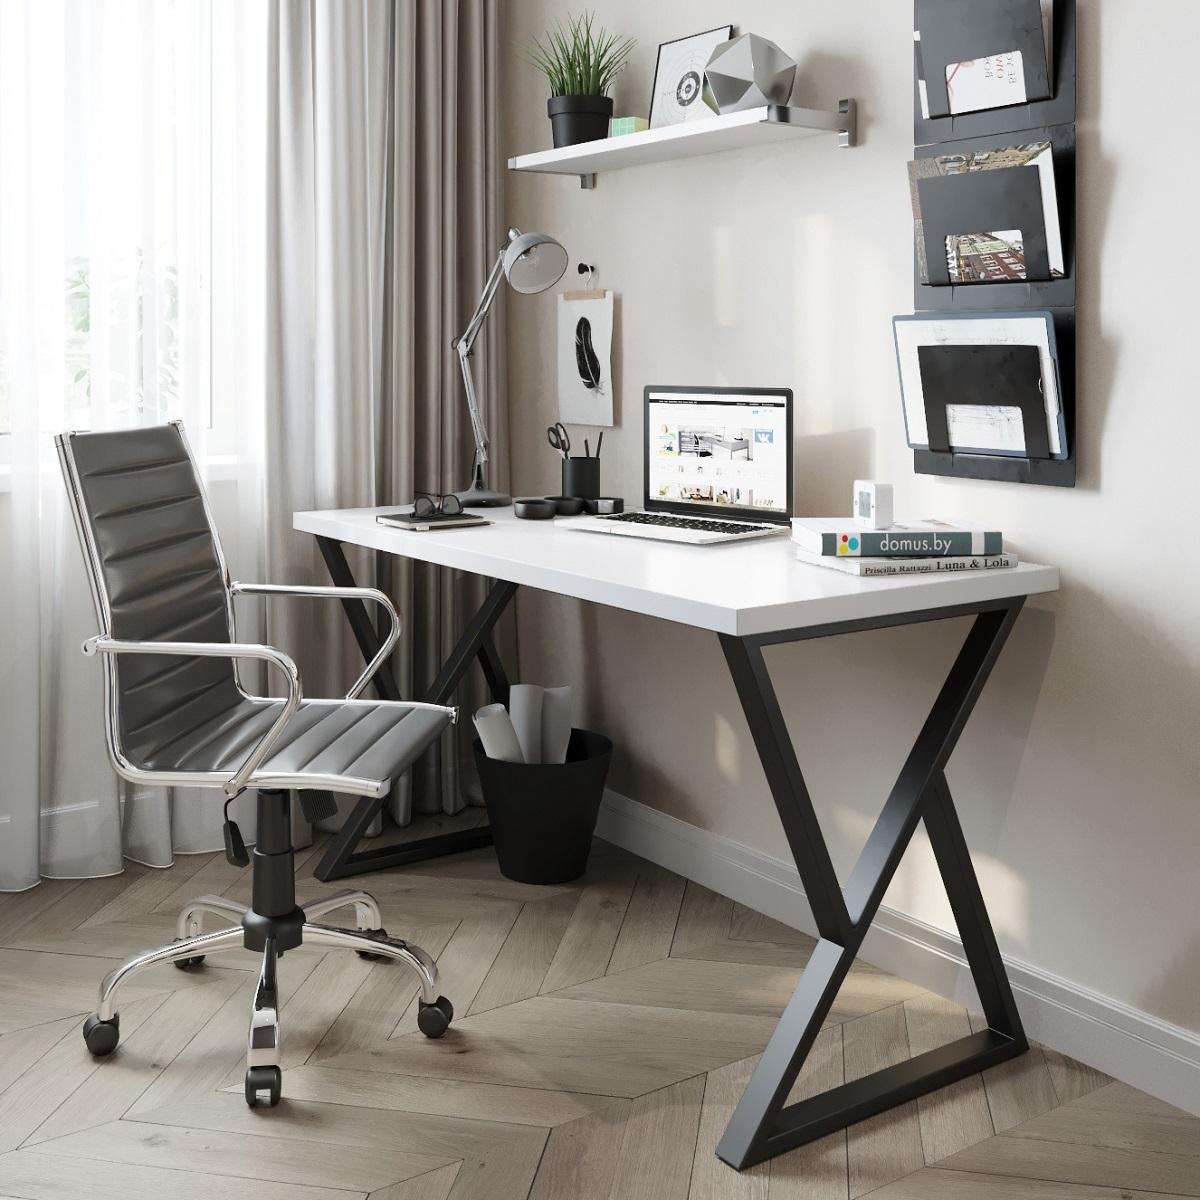 Письменный стол ДОМУС СП014 белый/металл черный